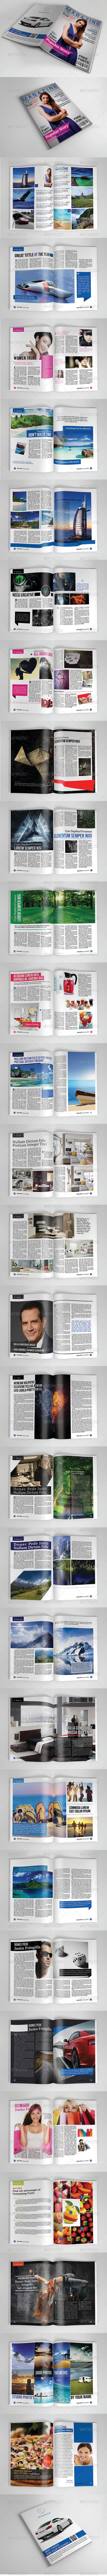 GraphicRiver A4 Magazine Template Vol.1 6939140